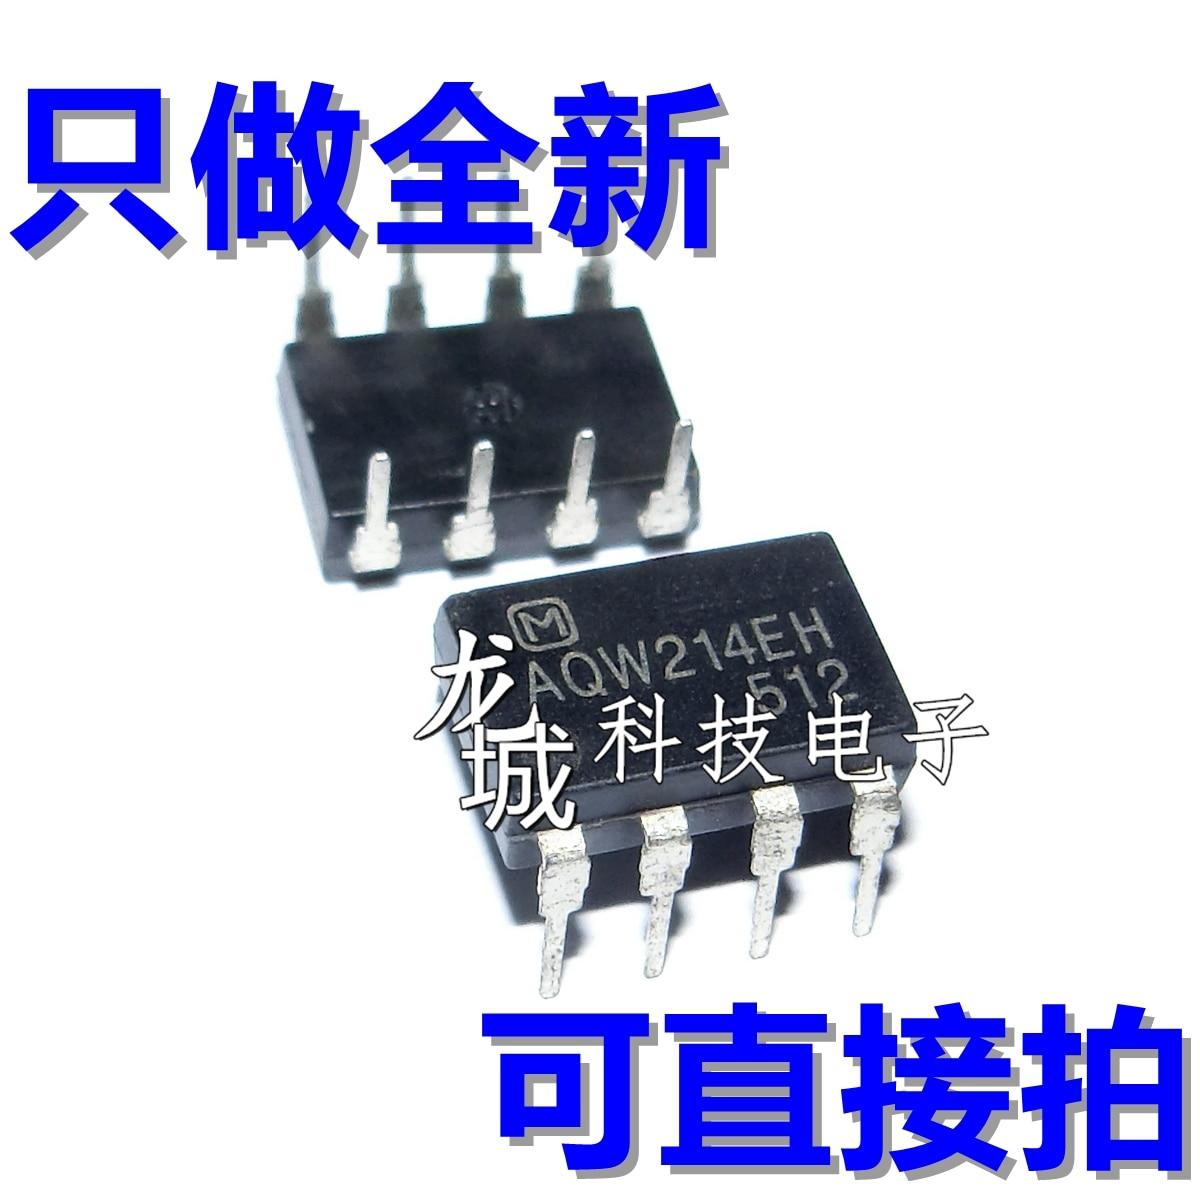 5pcs AQW212EH DIP-8 Optocoupler NEW